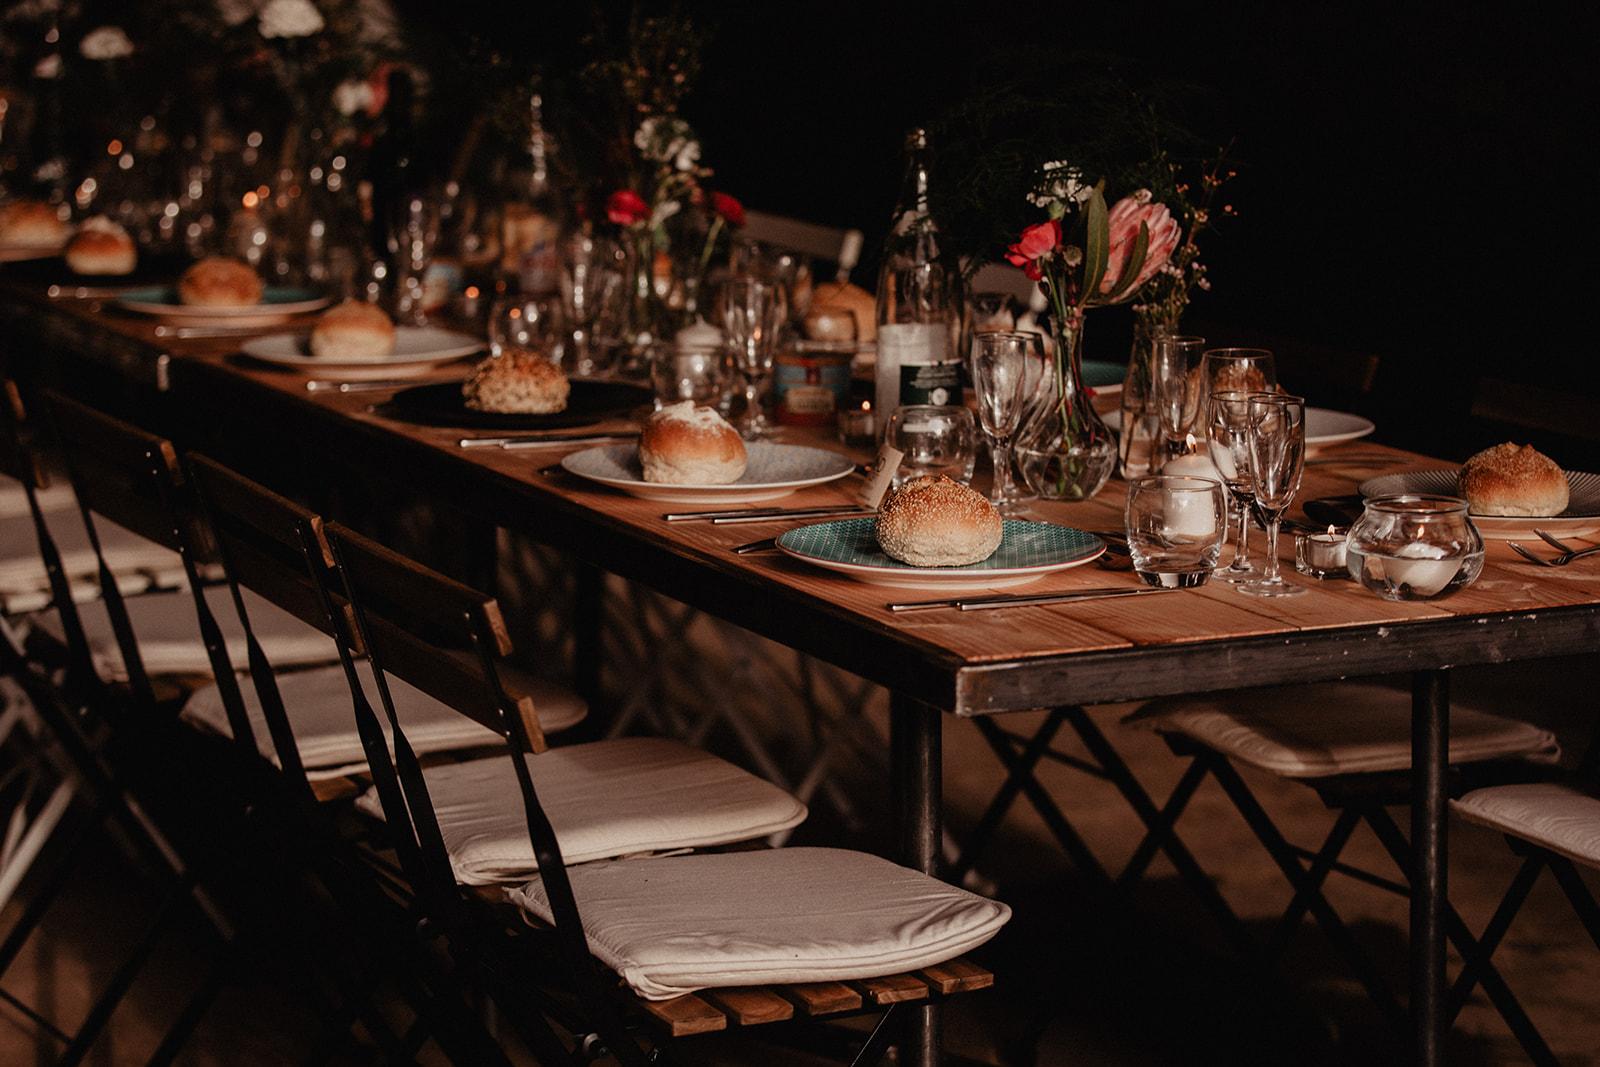 bröllopsmiddagen dukning bordsplacering